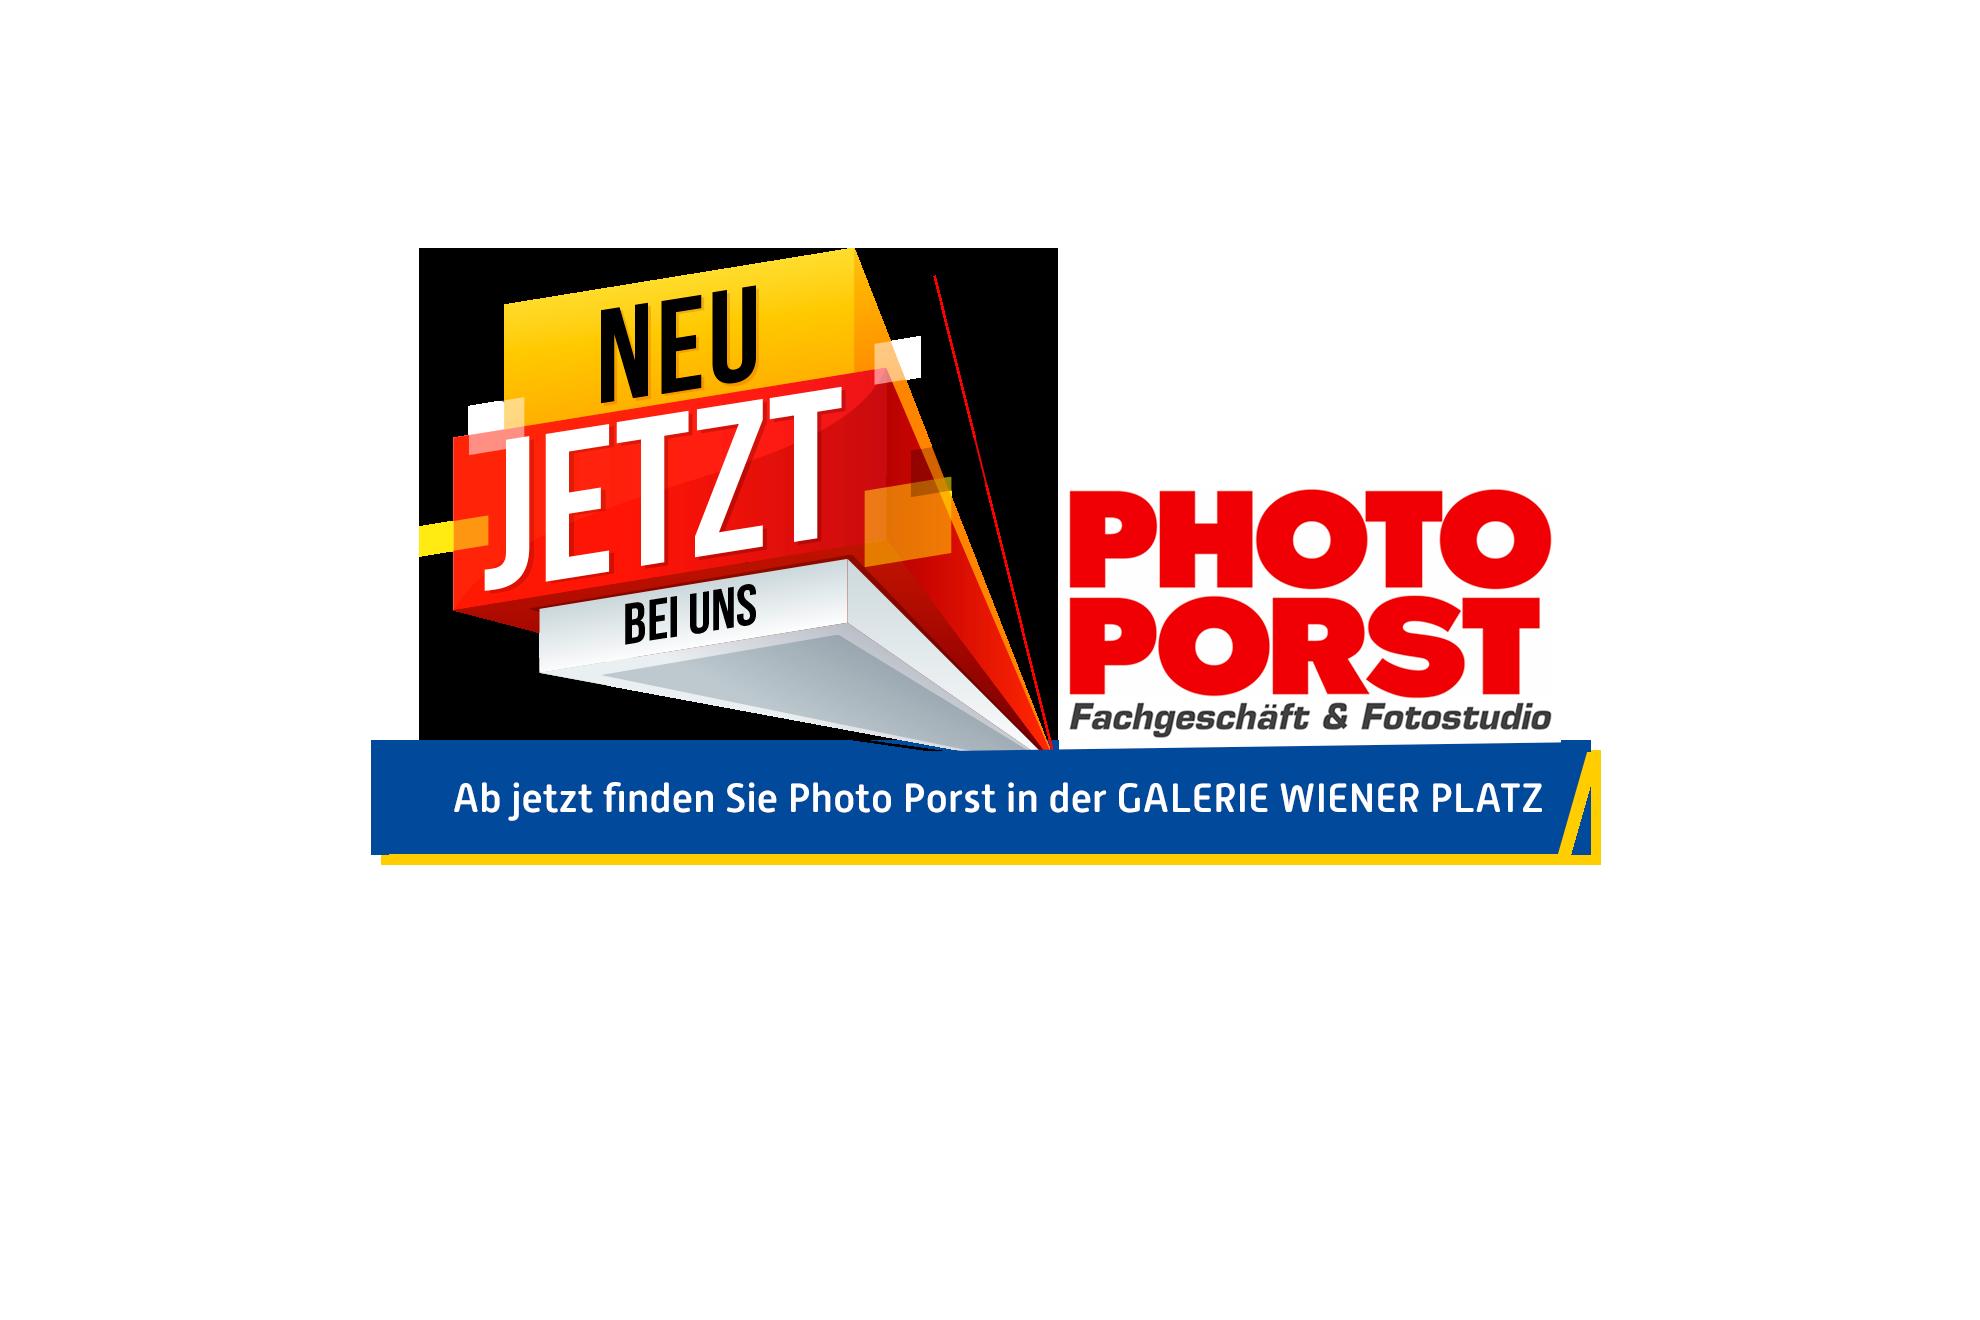 Photo Porst NEU in der Galerie Wiener Platz